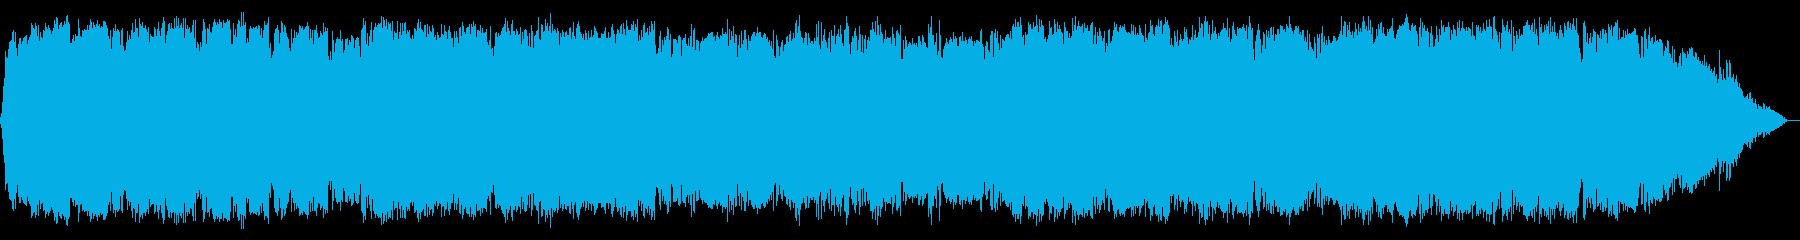 少し切ない竹笛の音楽の再生済みの波形